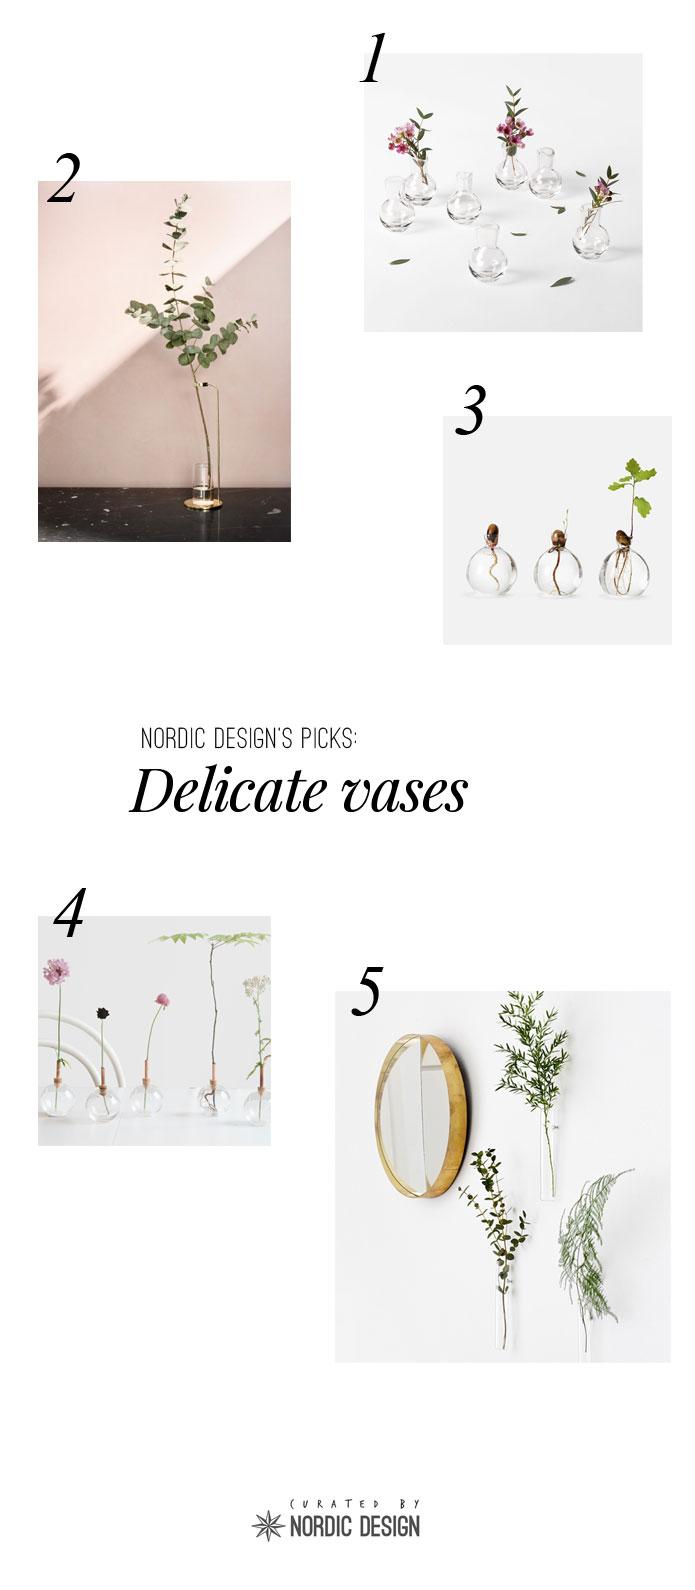 Delicate-vases3